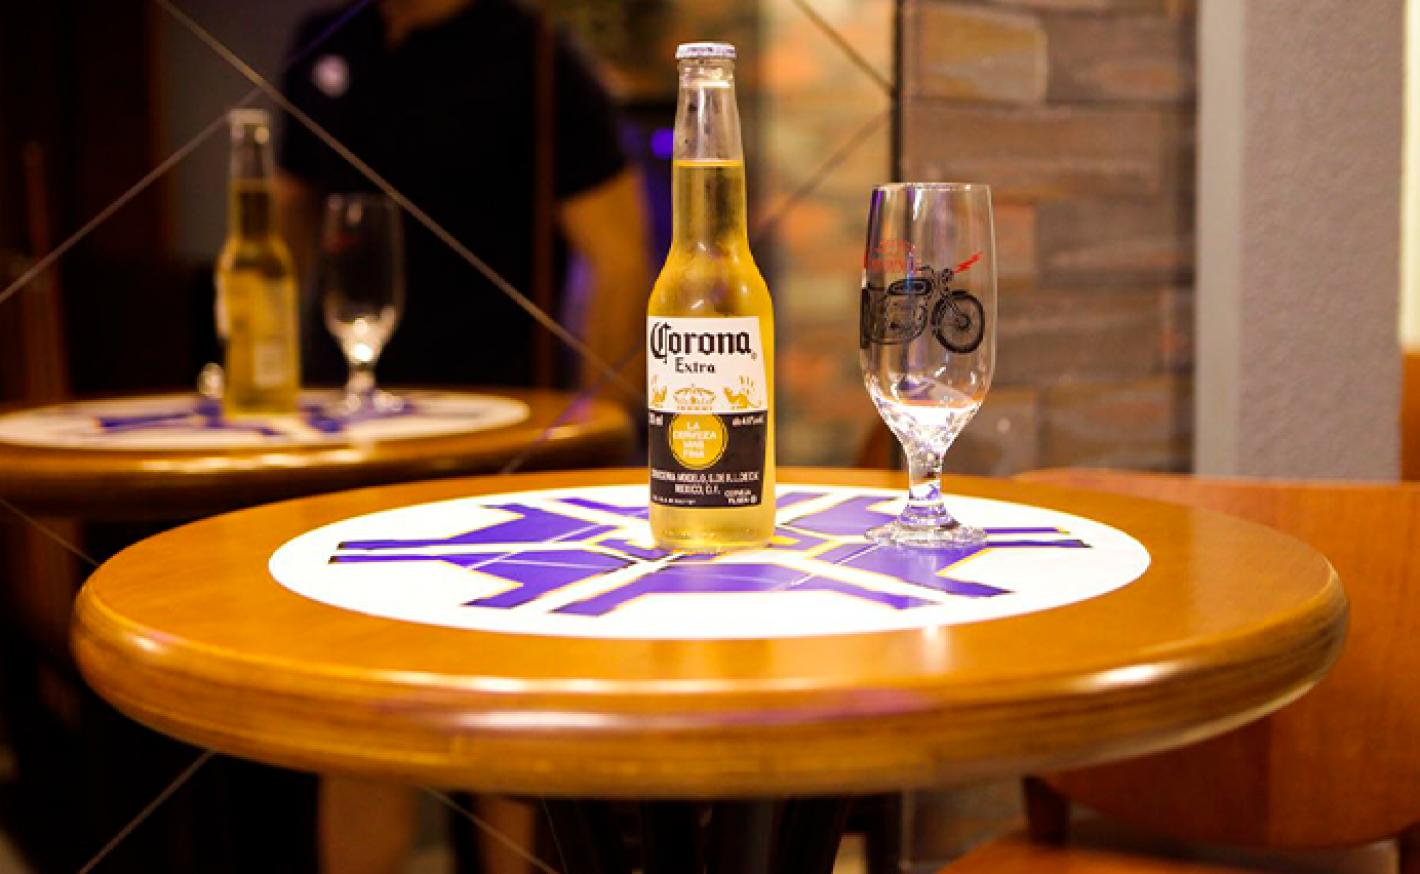 Diabético pode tomar cerveja? Depende!